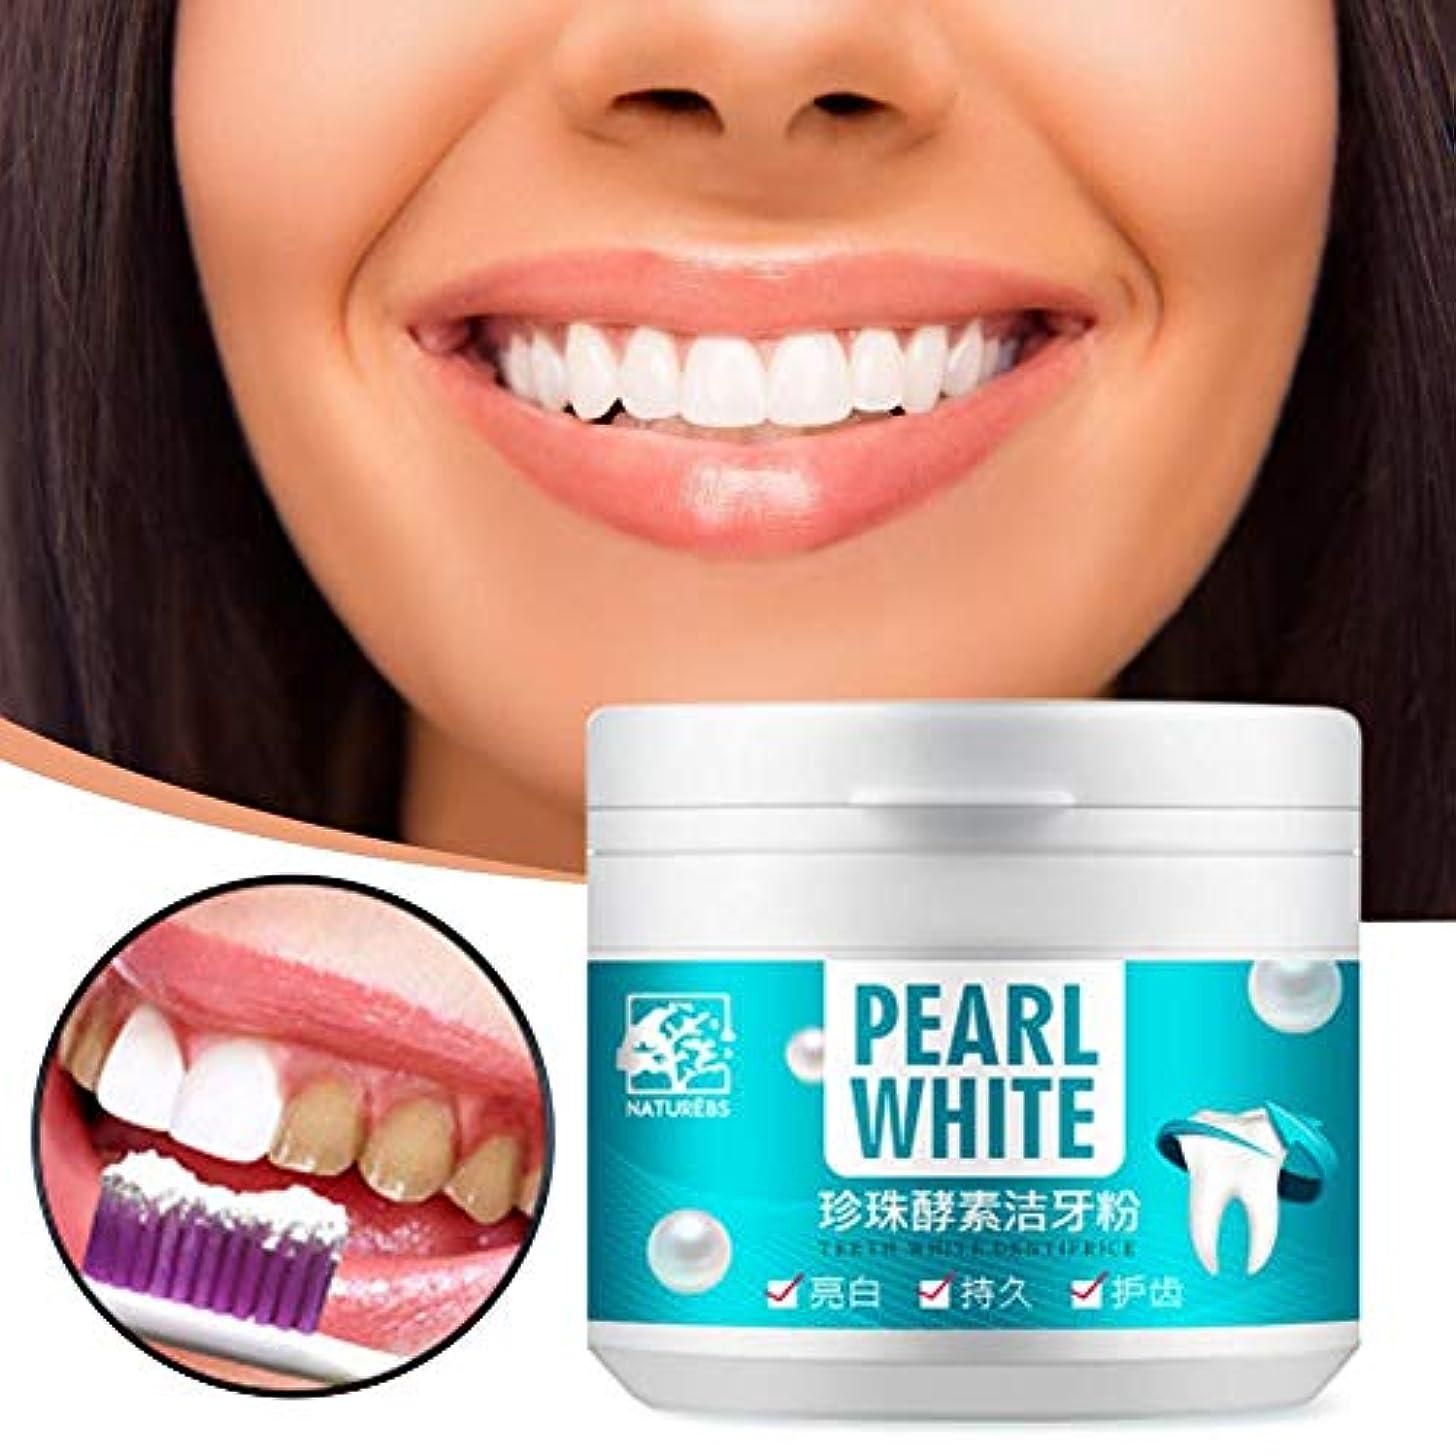 アベニュー前奏曲与えるMing-Dian 天然パールパワー歯のホワイトニングパウダー口臭歯石茶の汚れ歯の除去ホワイト歯磨剤